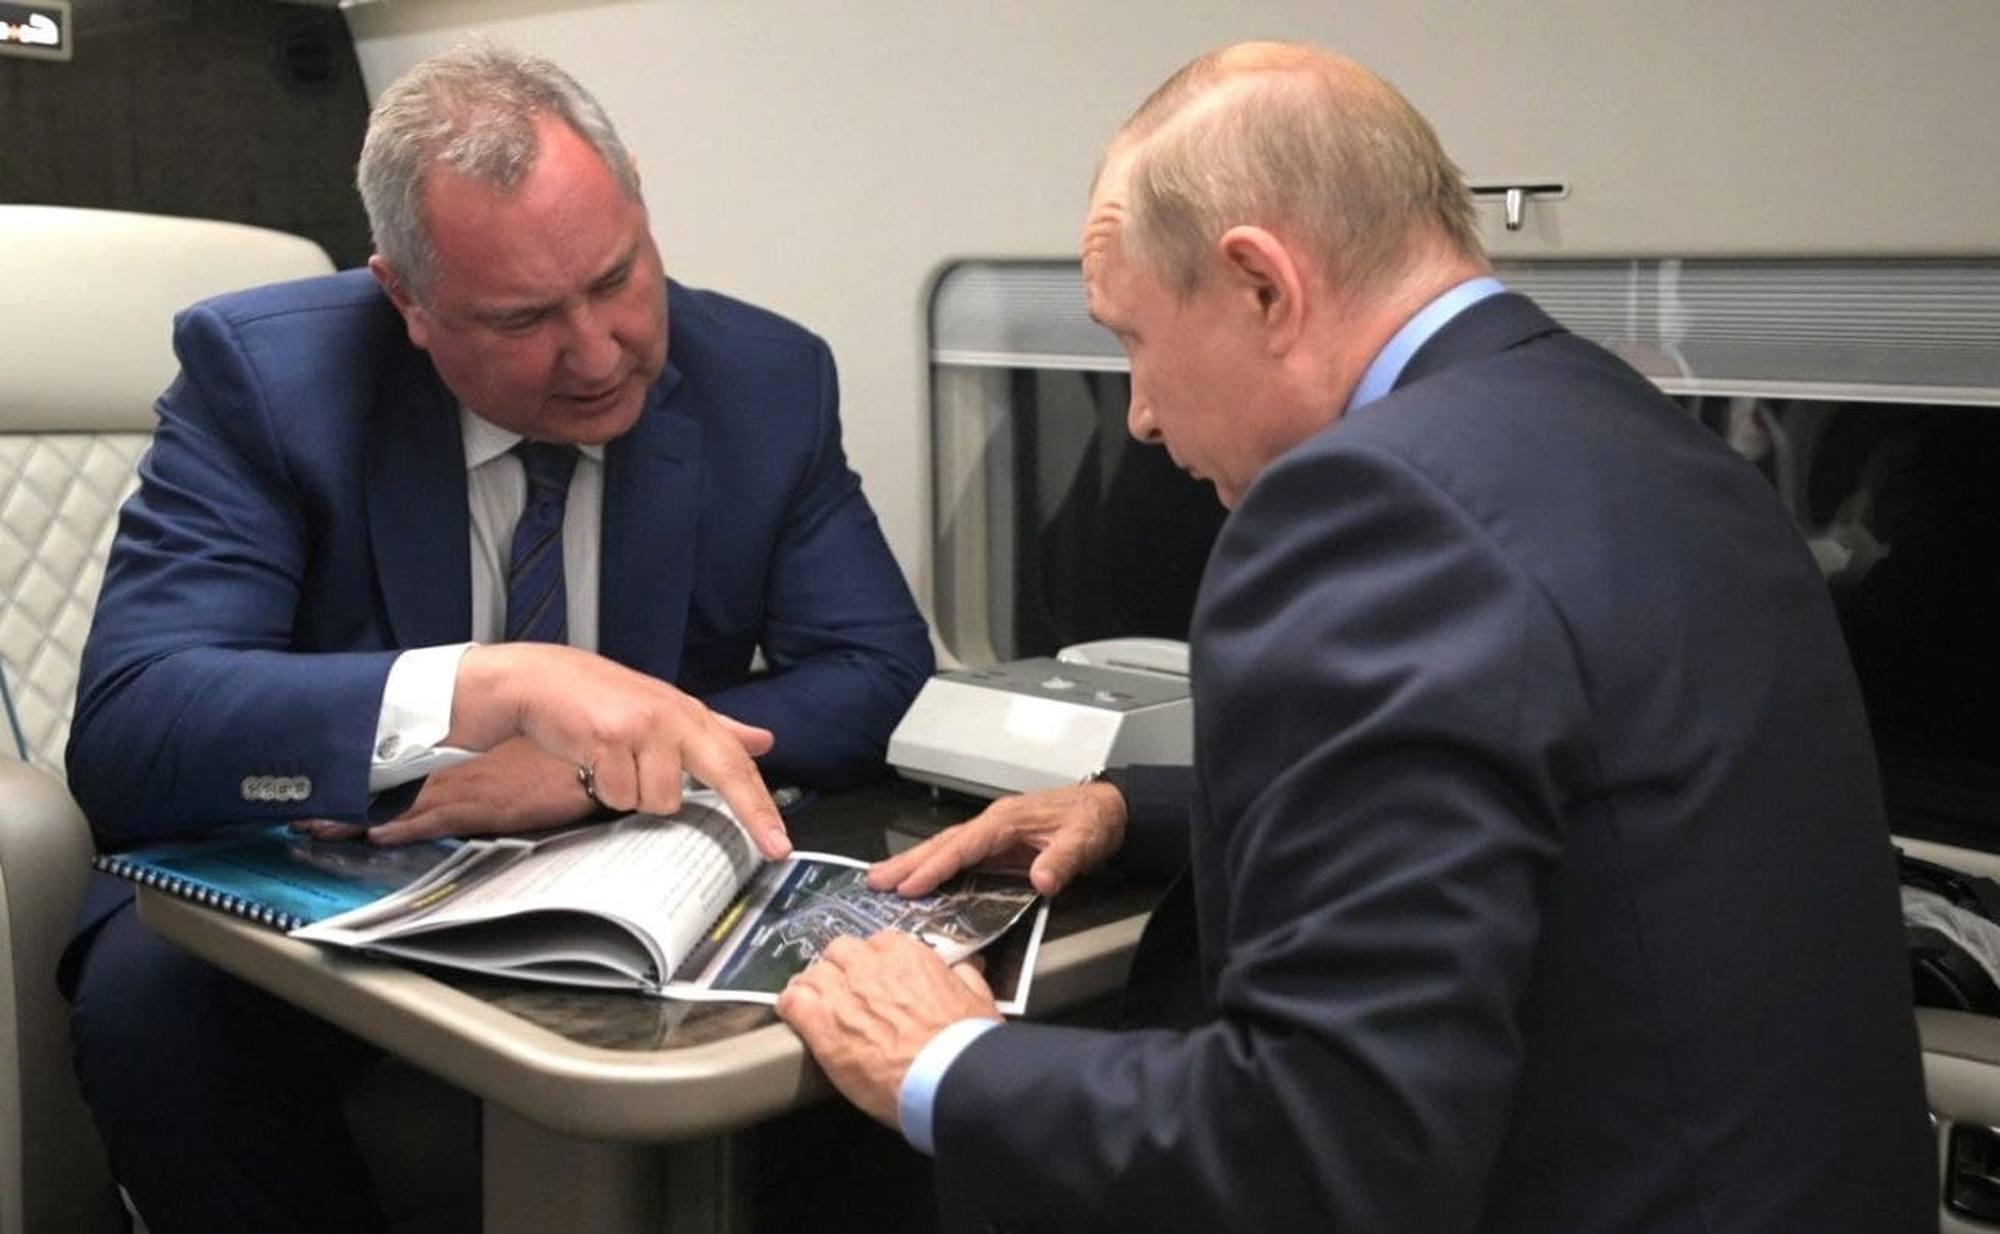 Dans l'hélicoptère qui l'amène au cosmodrome de Vostochny, Poutine en discussion avec Rogozine.